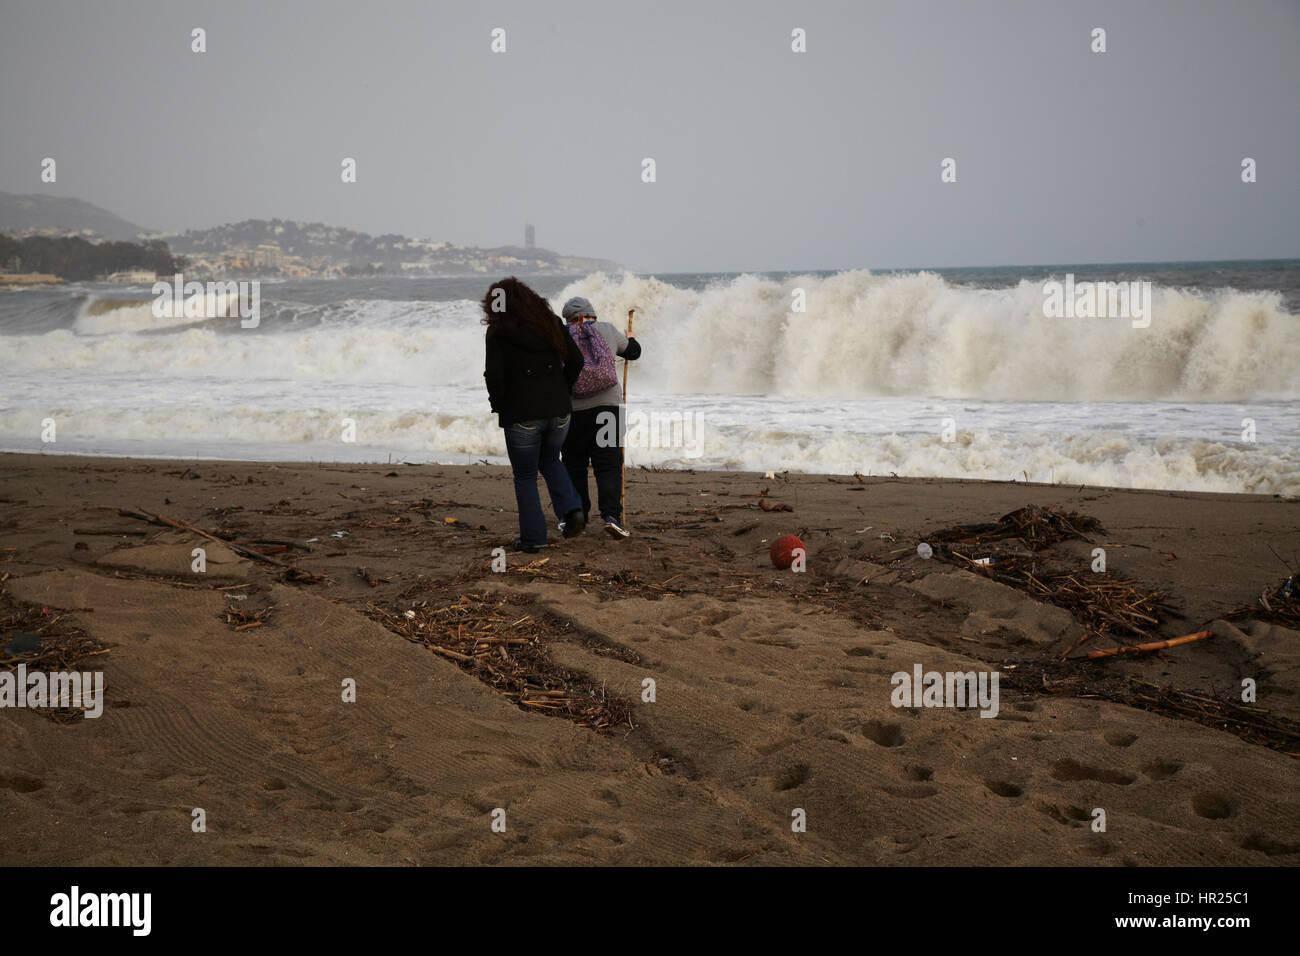 Zwei Mädchen auf der Suche Att große Wellen in den Strand von Málaga. Stockbild